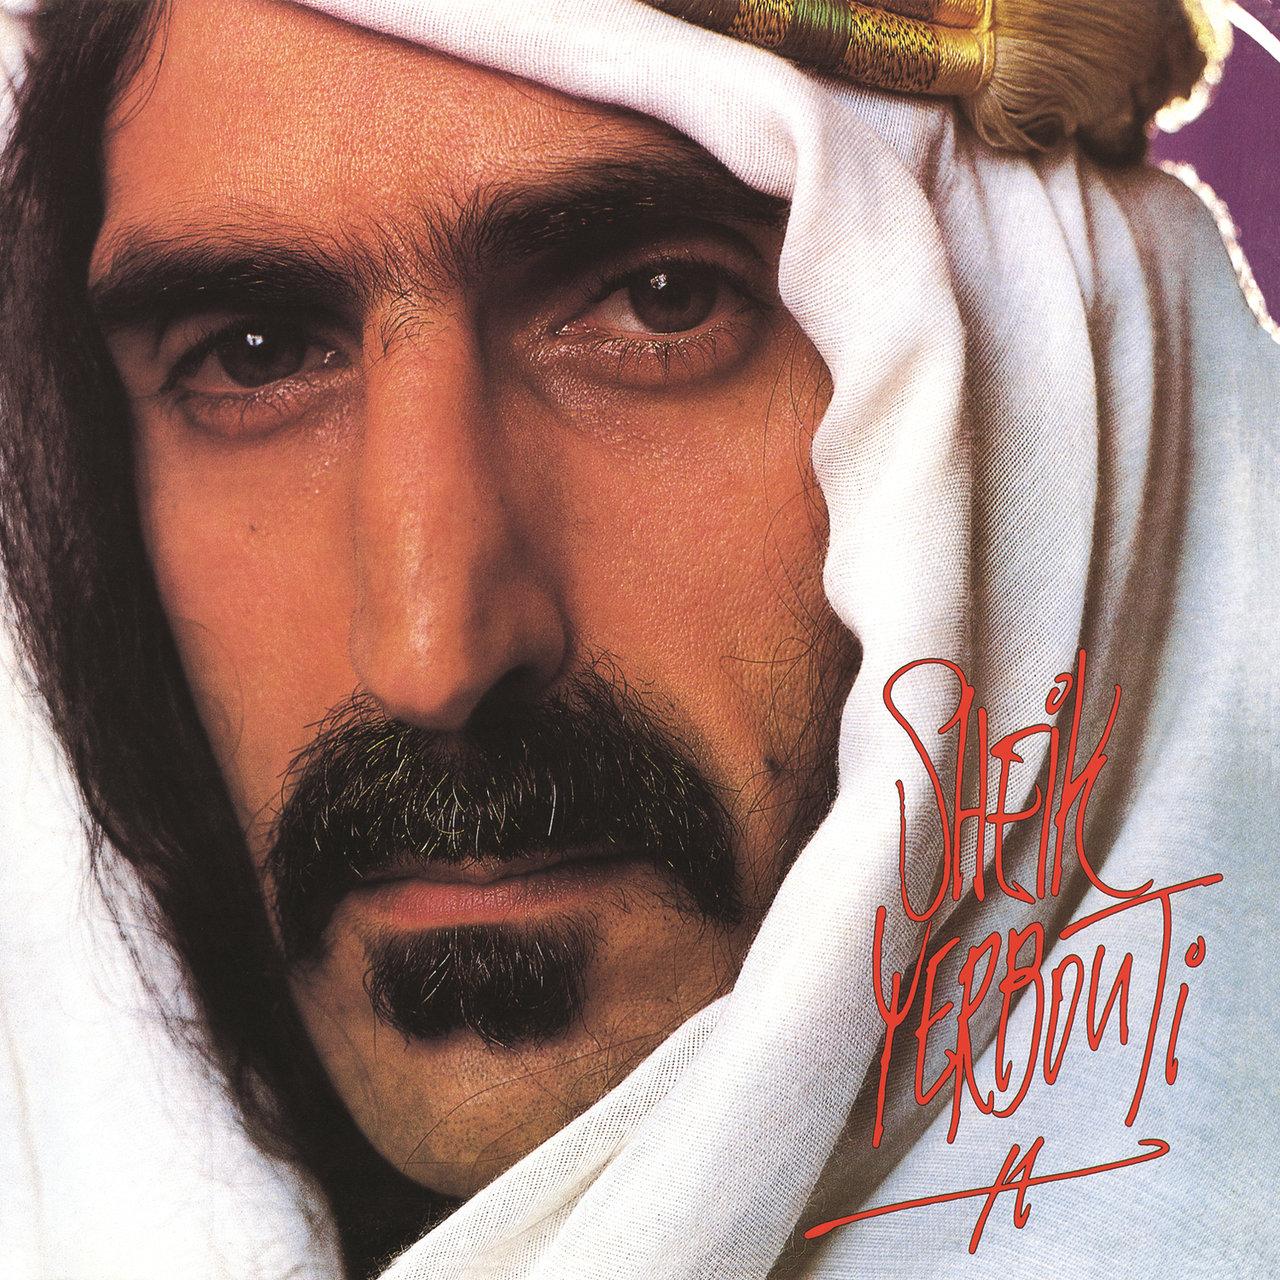 Frank Zappa Happy Birthday inside sheik yerbouti / frank zappa tidal